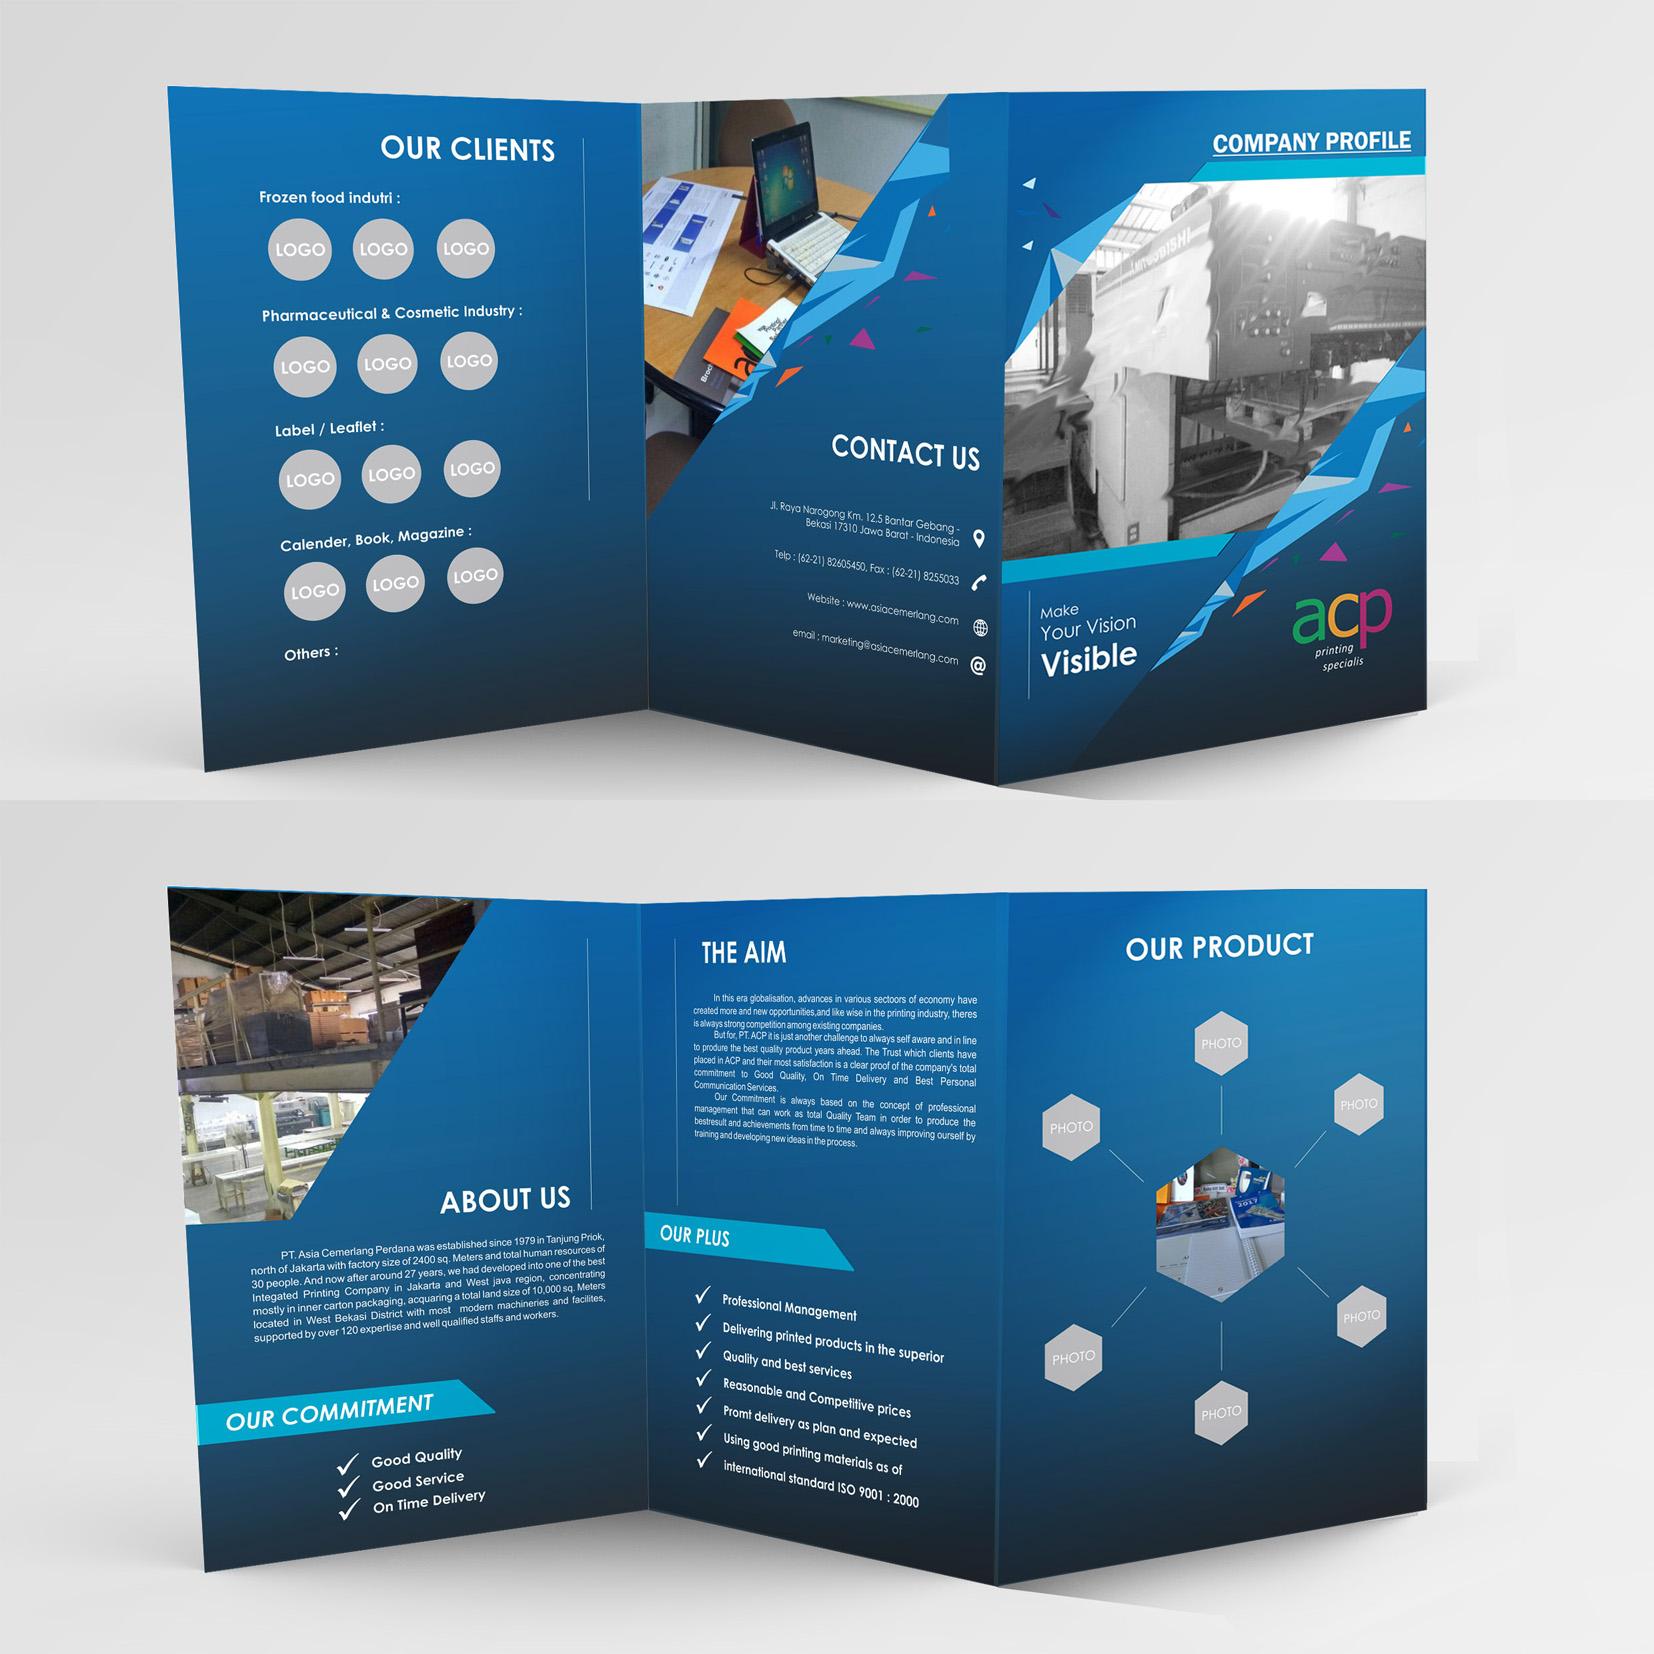 Sribu company profile design desain company profile untuk for Service design firms